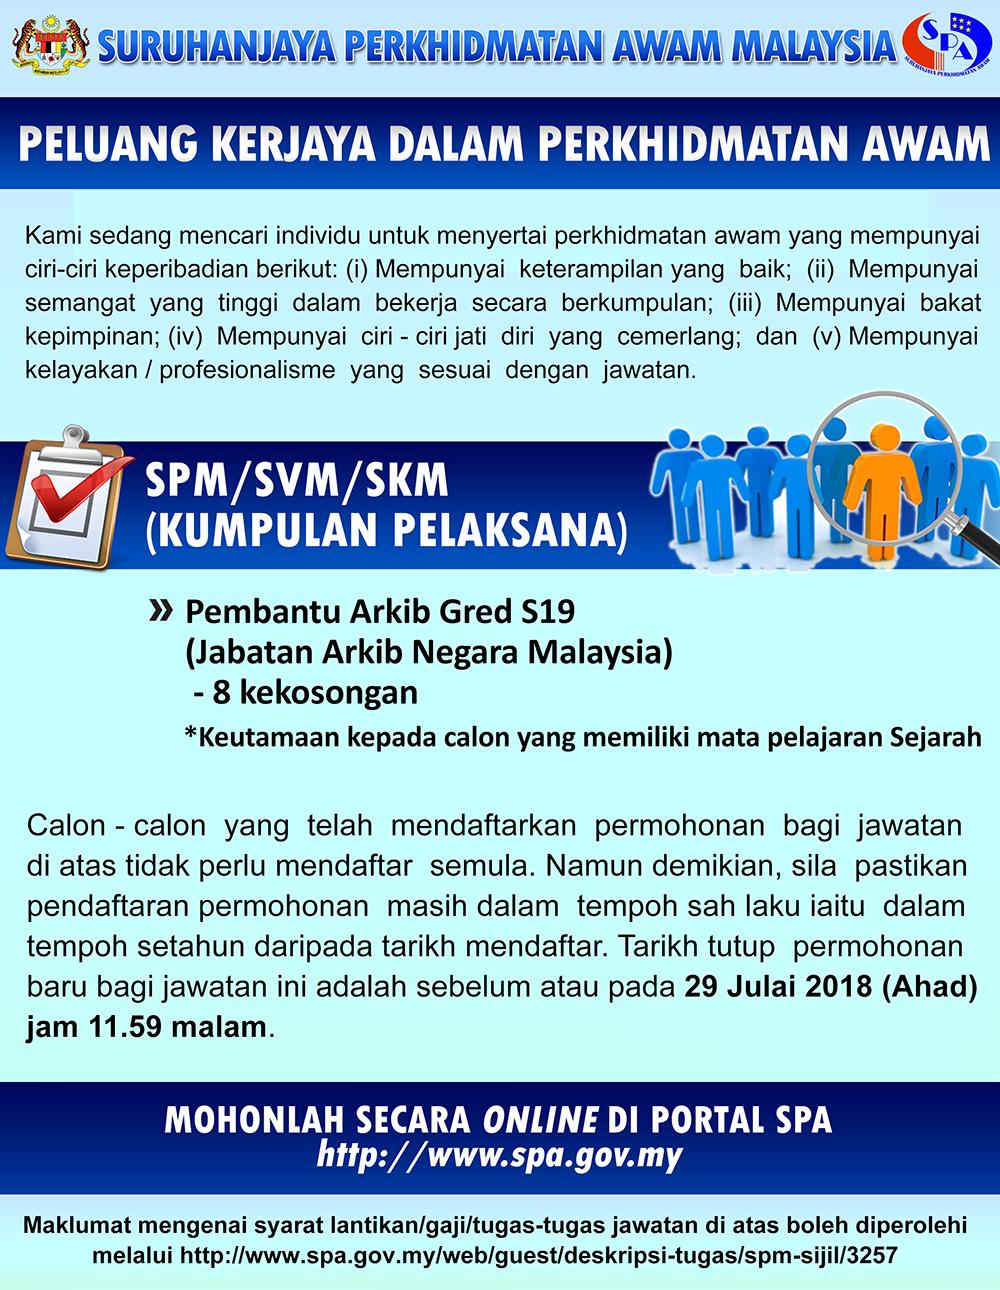 Iklan Peluang Kerjaya Dalam Perkhidmatan Awam (SPA Malaysia)